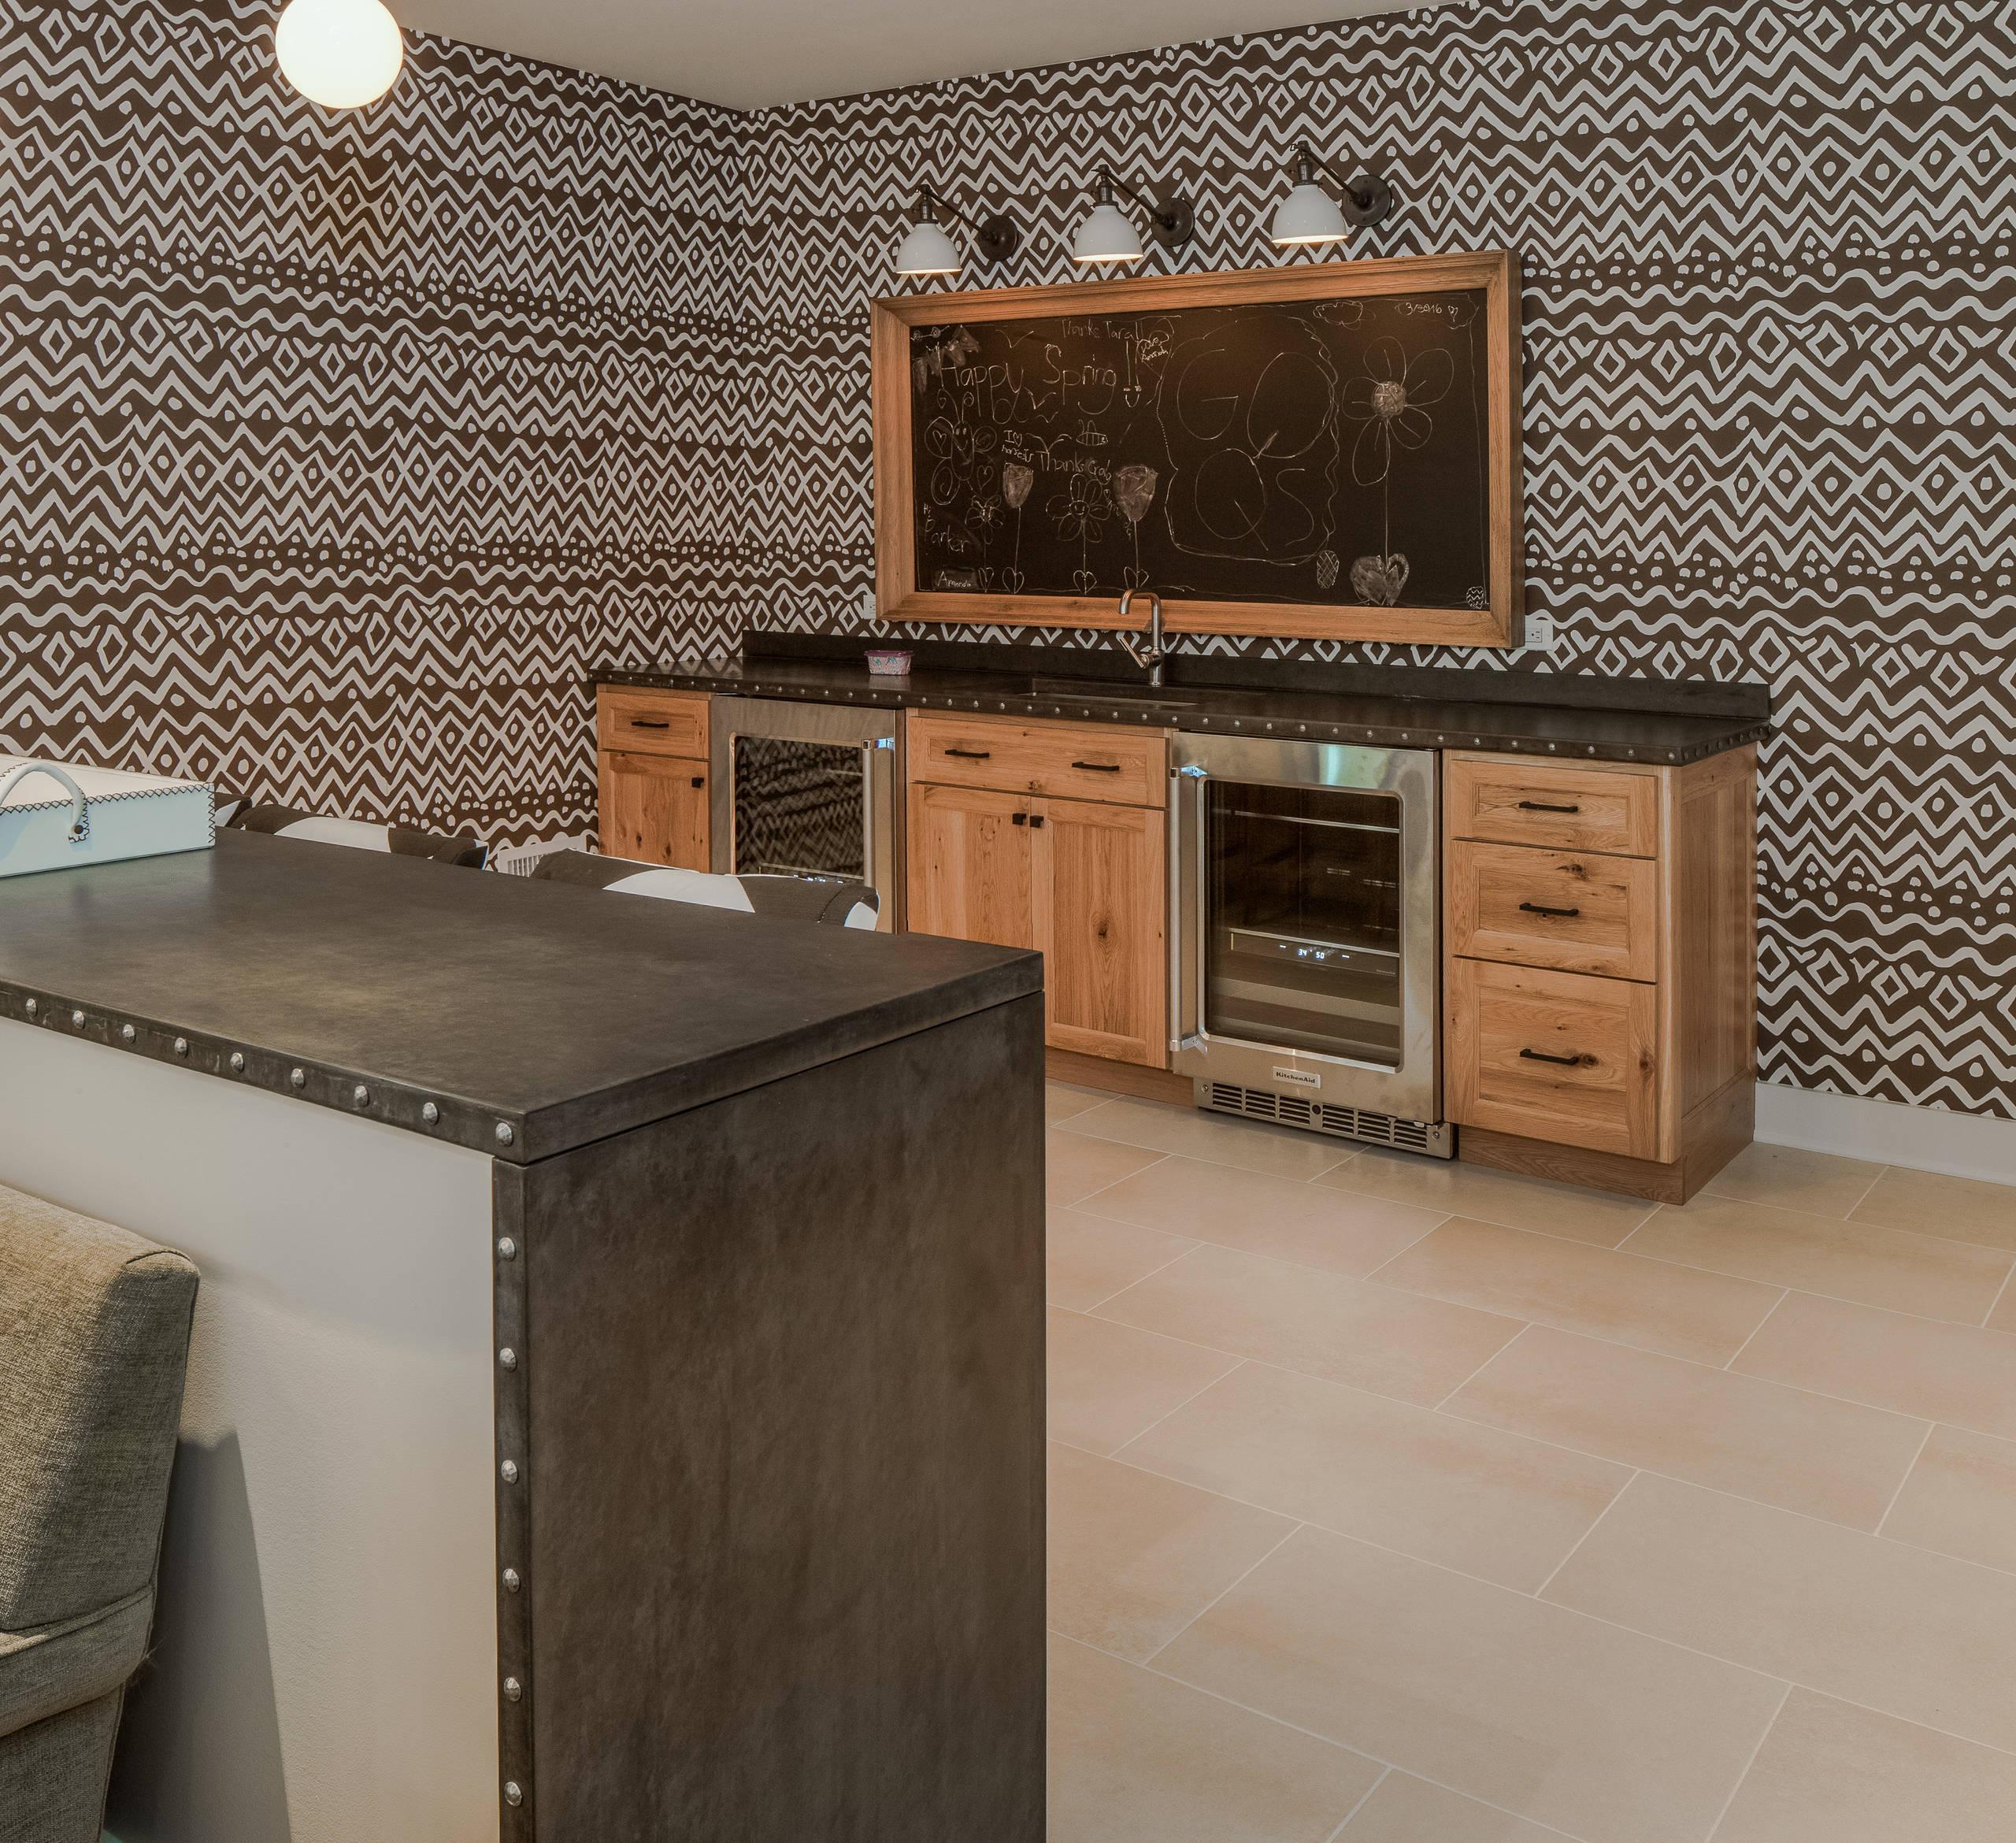 Certified Luxury Builders - J Paul Builders - Owings Mill, MD - Custom Home 4